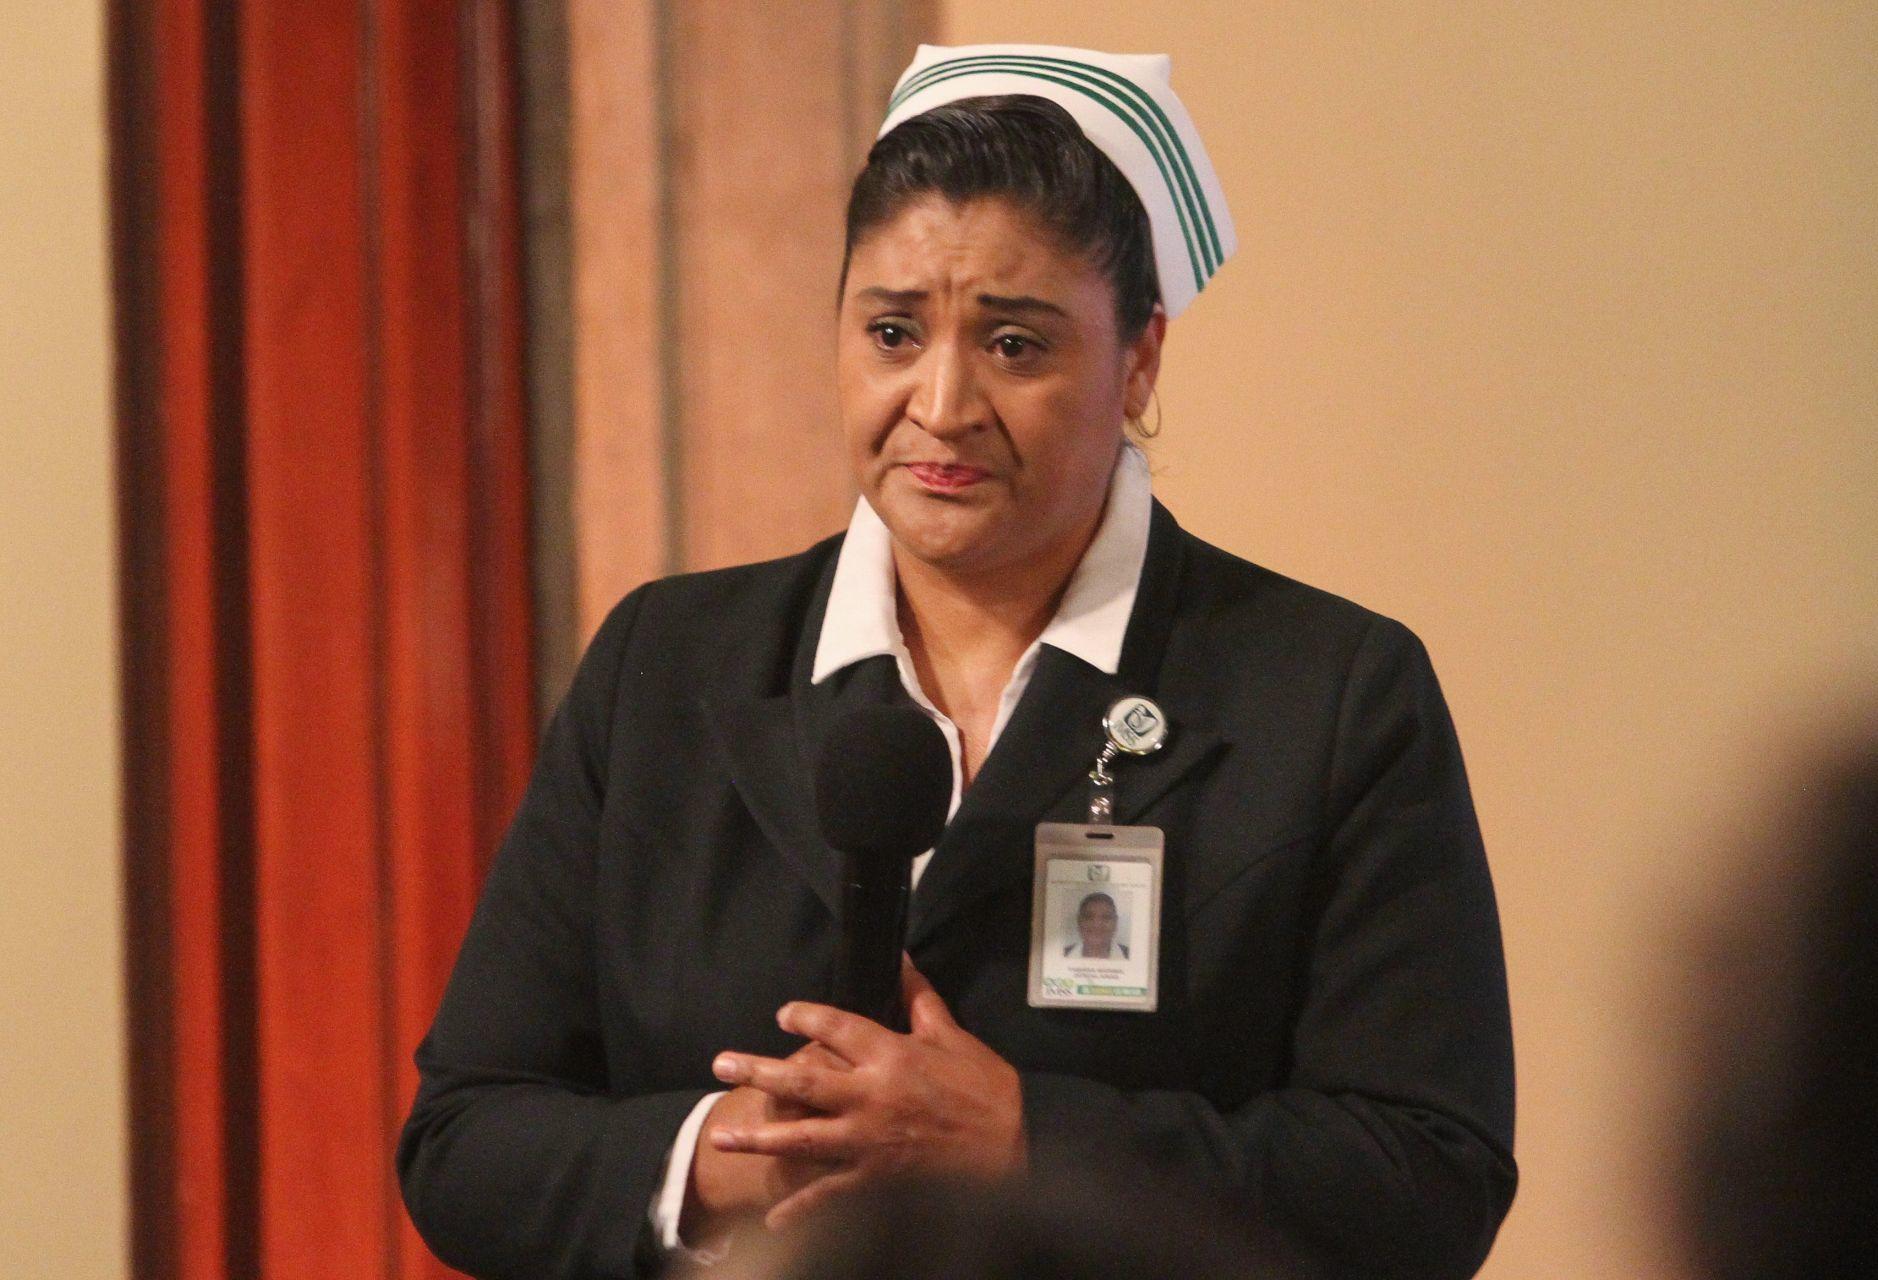 Egresa 'Jefa Fabiana' de hospital tras contraer Covid-19